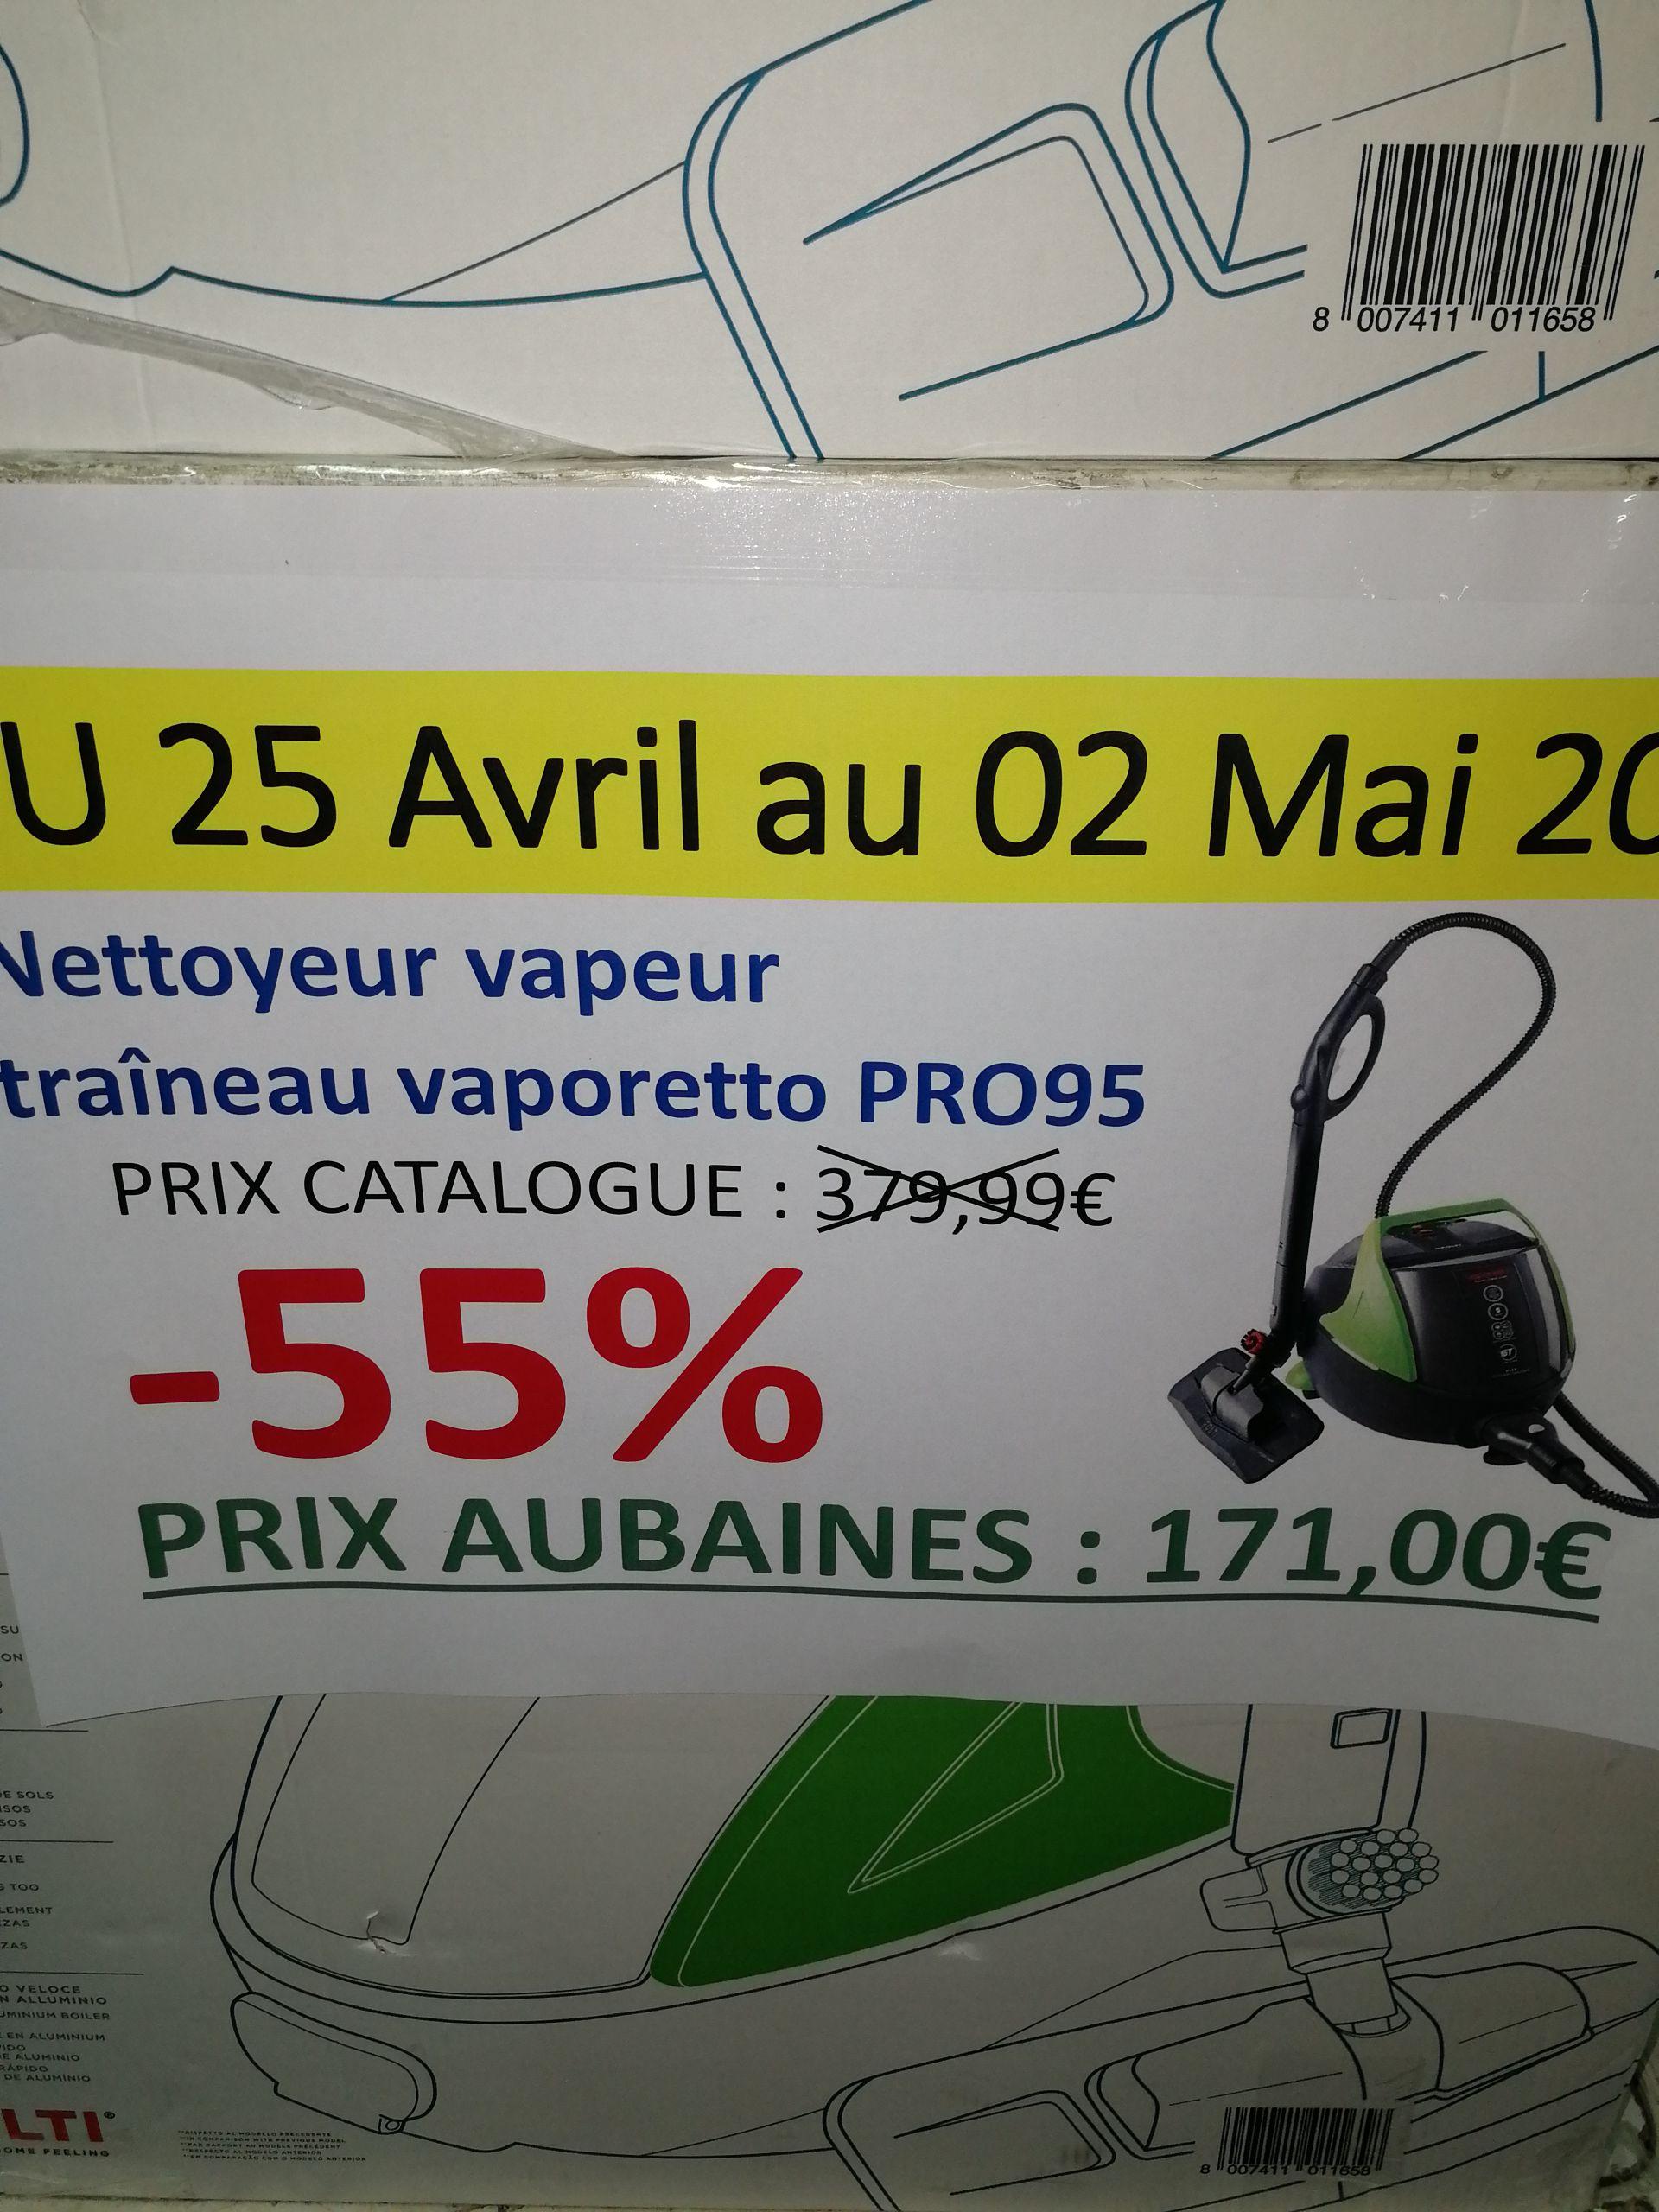 Nettoyeur vapeur Vaporetto Pro 95 - Les Aubaines Roubaix (59)